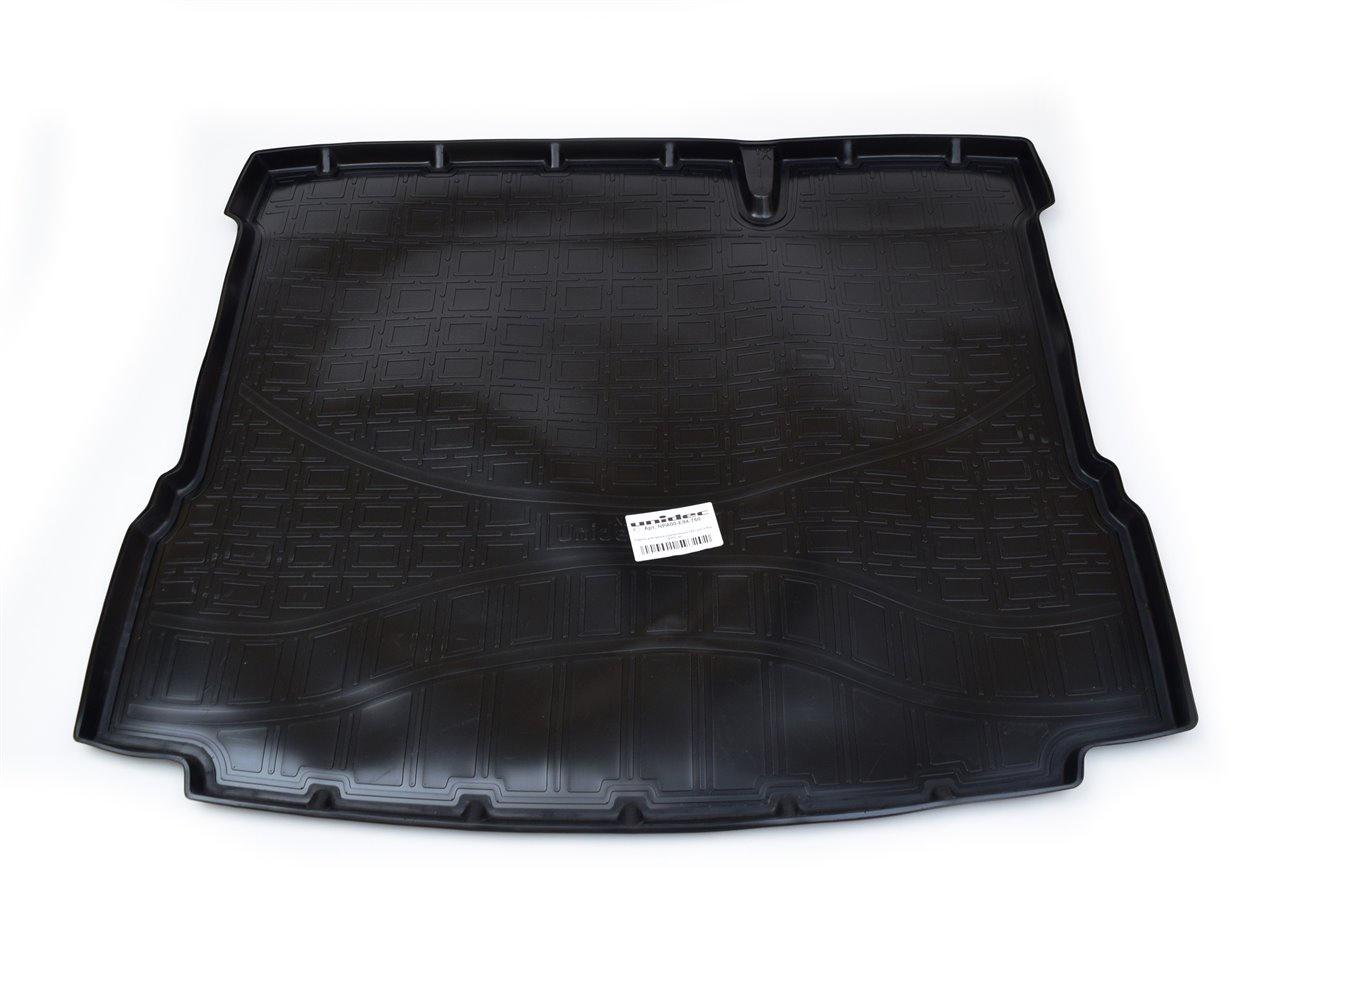 Коврики в салон автомобиля Avtodriver литьевые для Skoda Rapid (2013), Np11-Ldc-81-650, черный gm ldc 300o